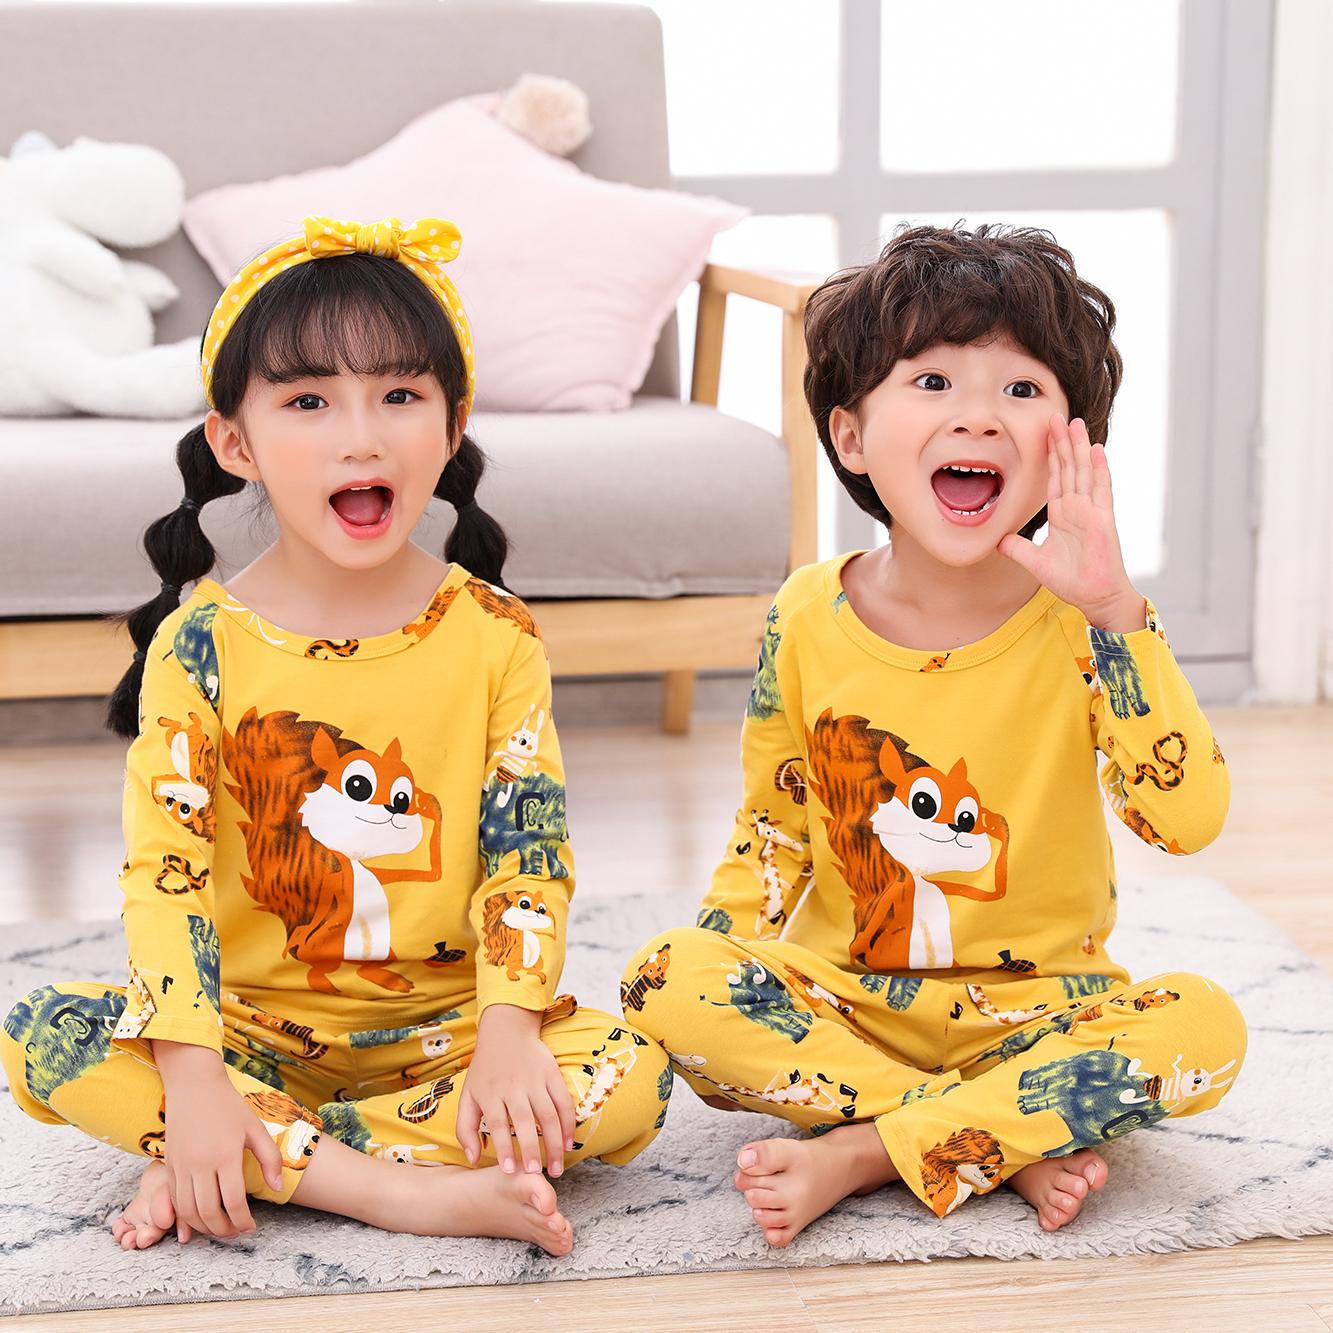 常常宅睡衣姜黄松鼠 纯棉儿童春秋男女童长袖休闲卡通家居服套装